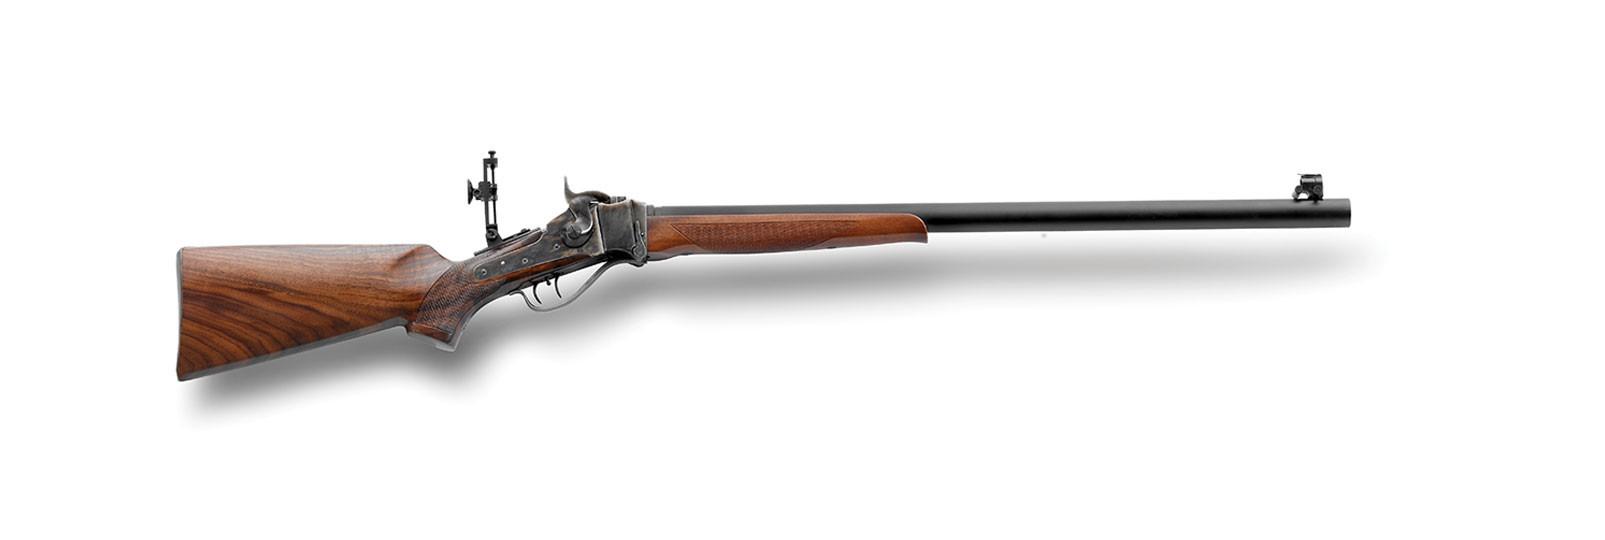 1874 sharps bench rest .22lr